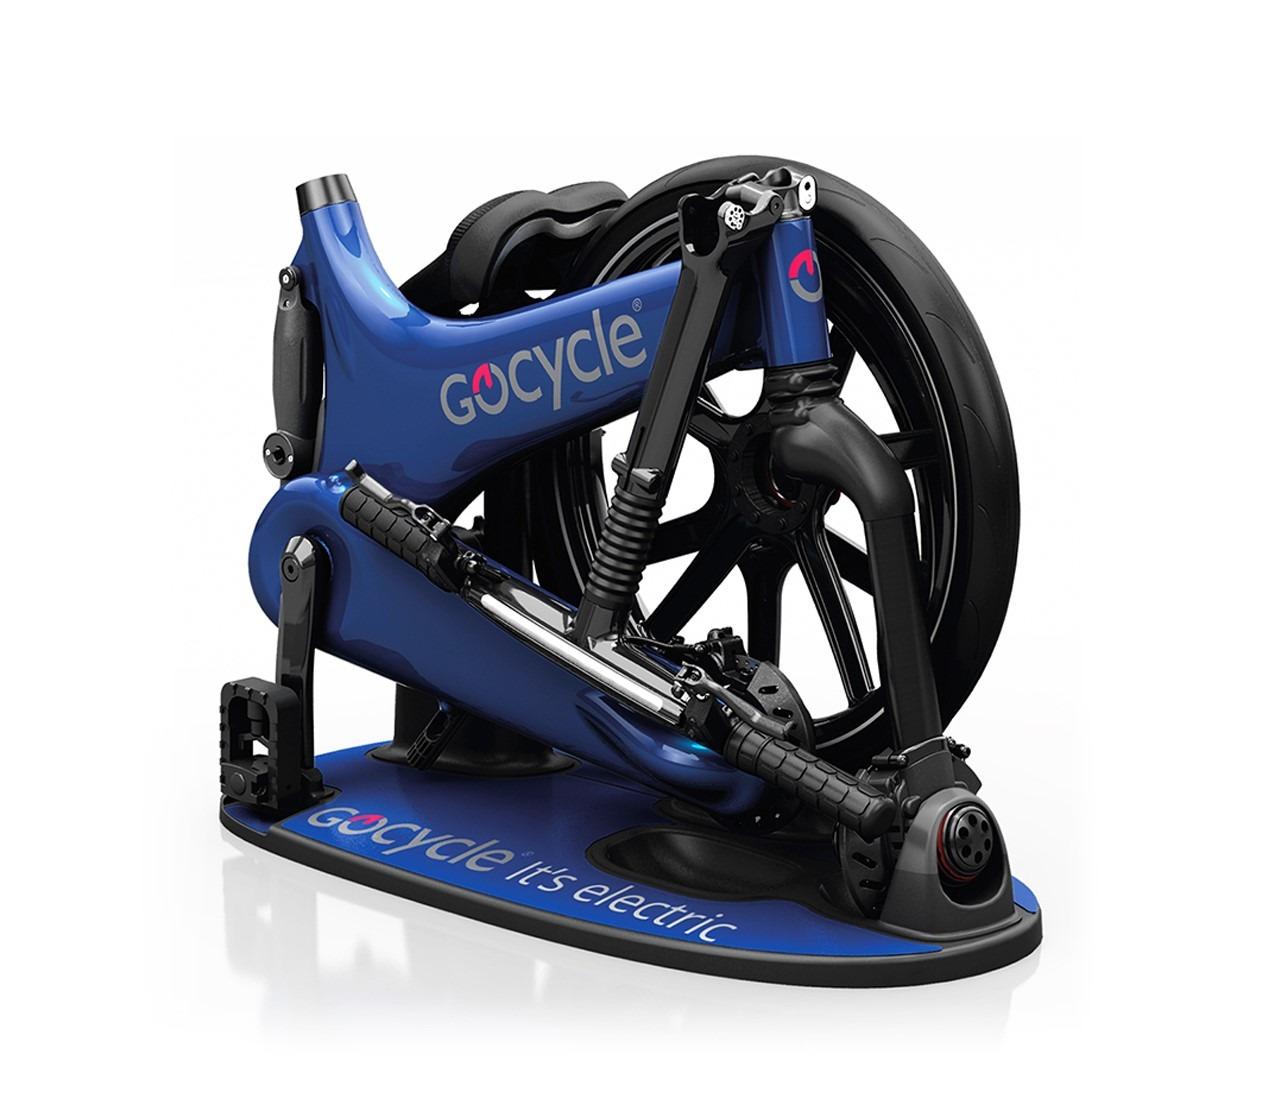 Gocycle G3 sestavljeno kolo